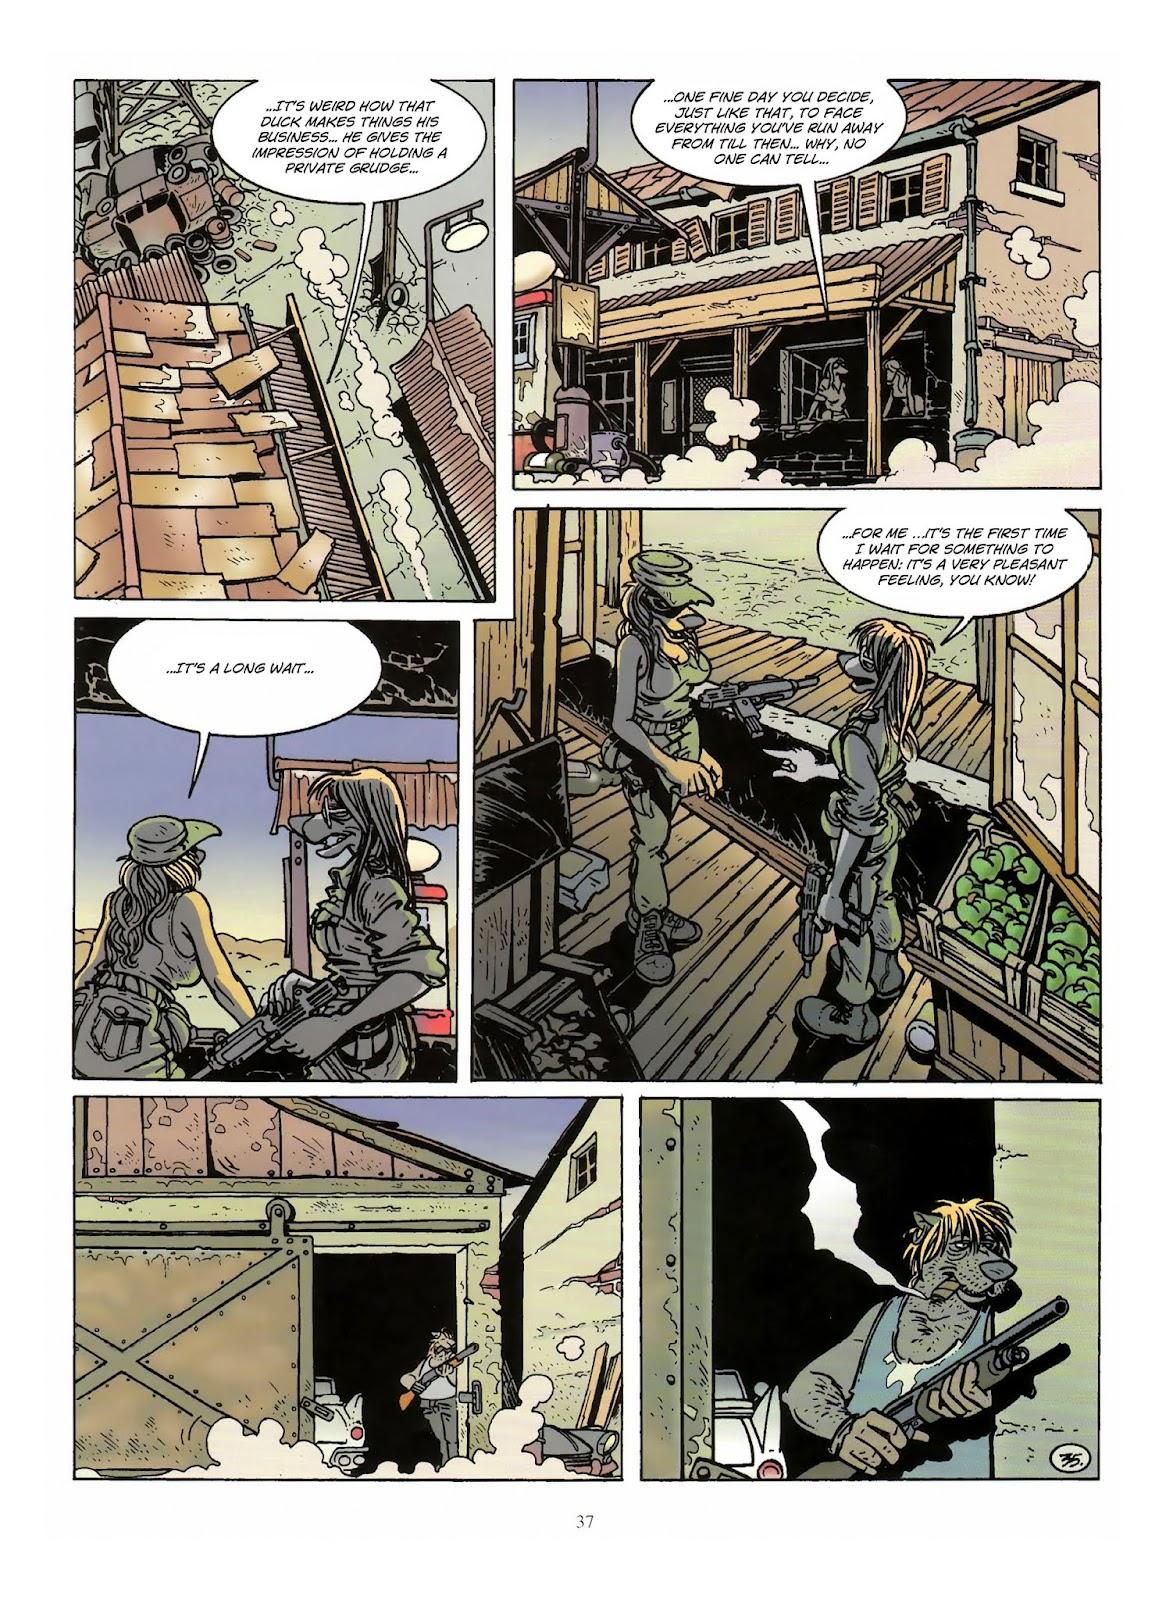 Une enquête de l'inspecteur Canardo issue 10 - Page 38